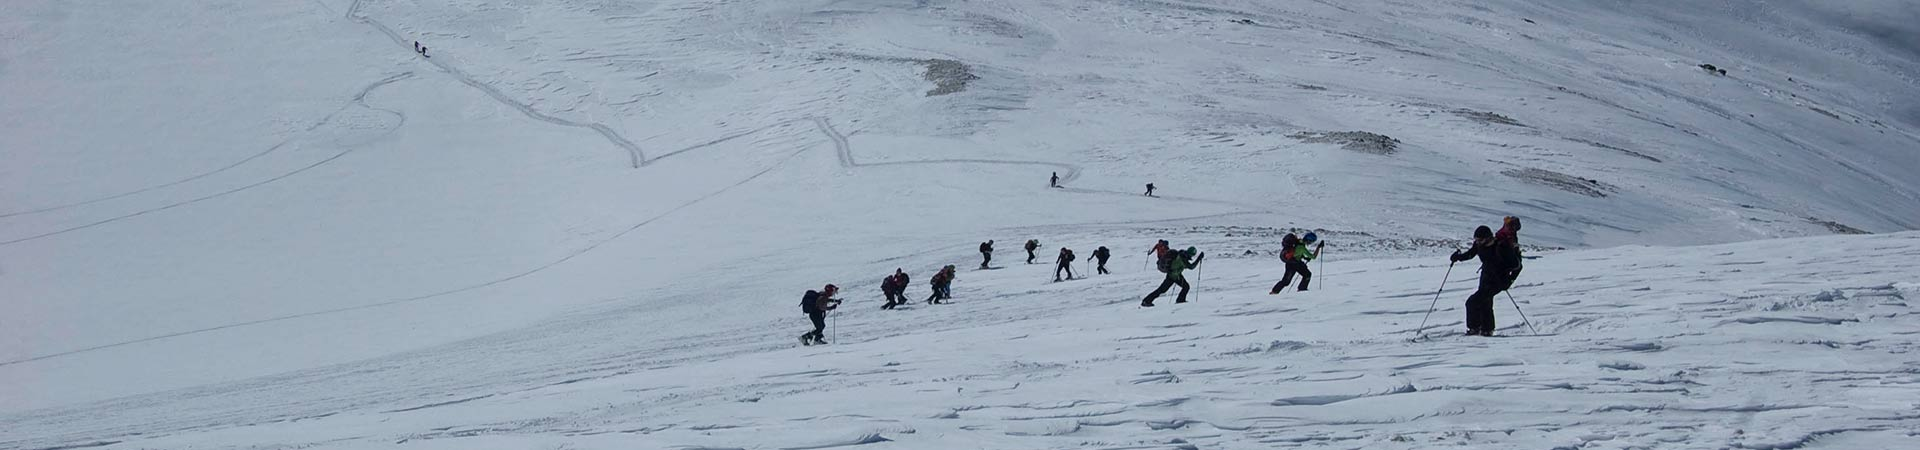 Jornada-Iniciació-Esqui-de-Muntanya-vertical